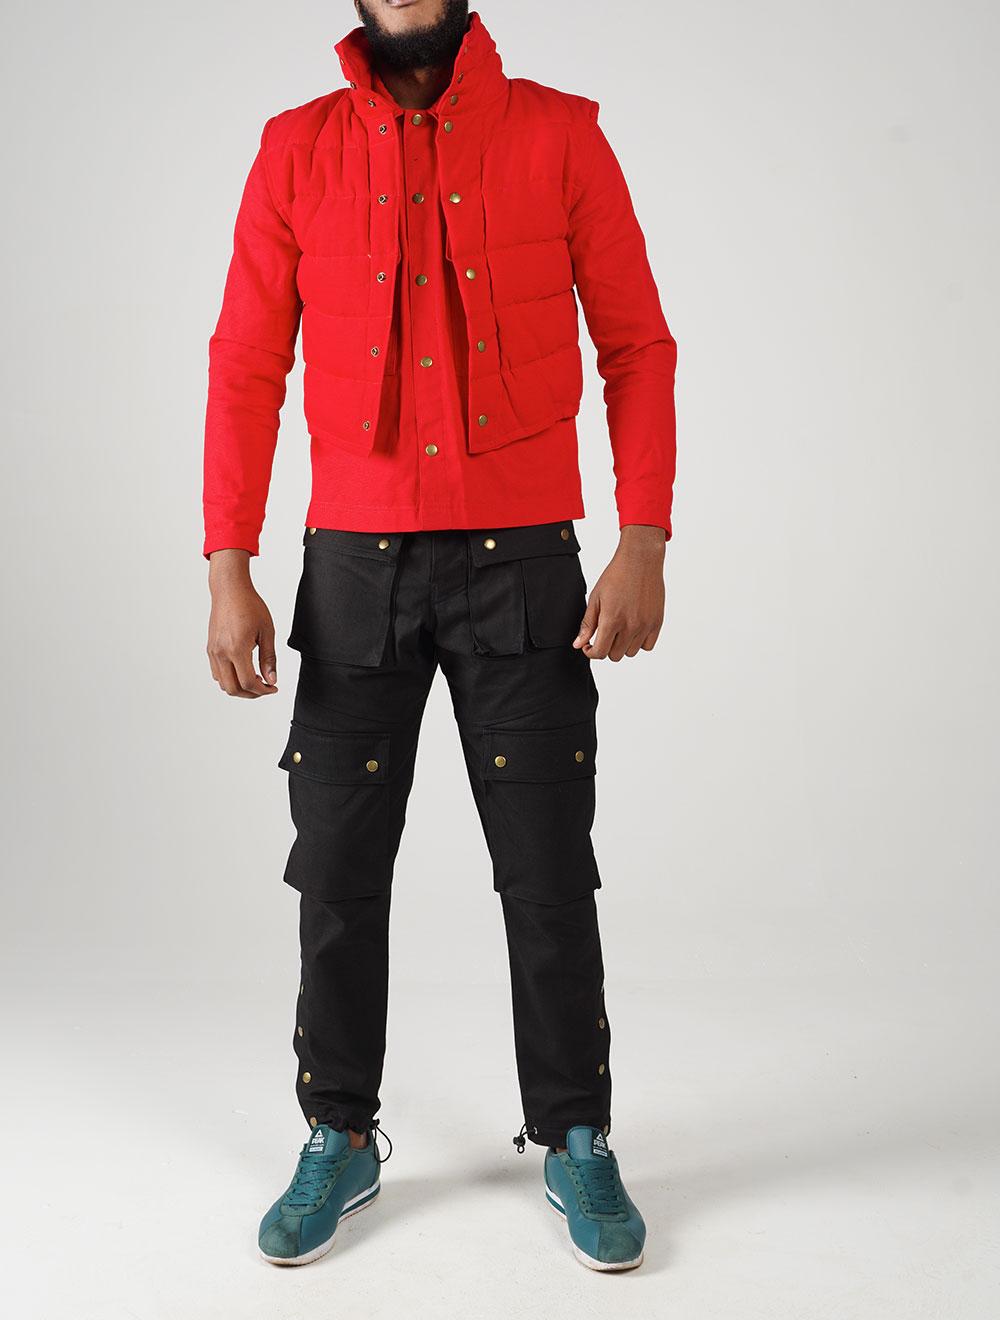 Uhambo Bomber jacket